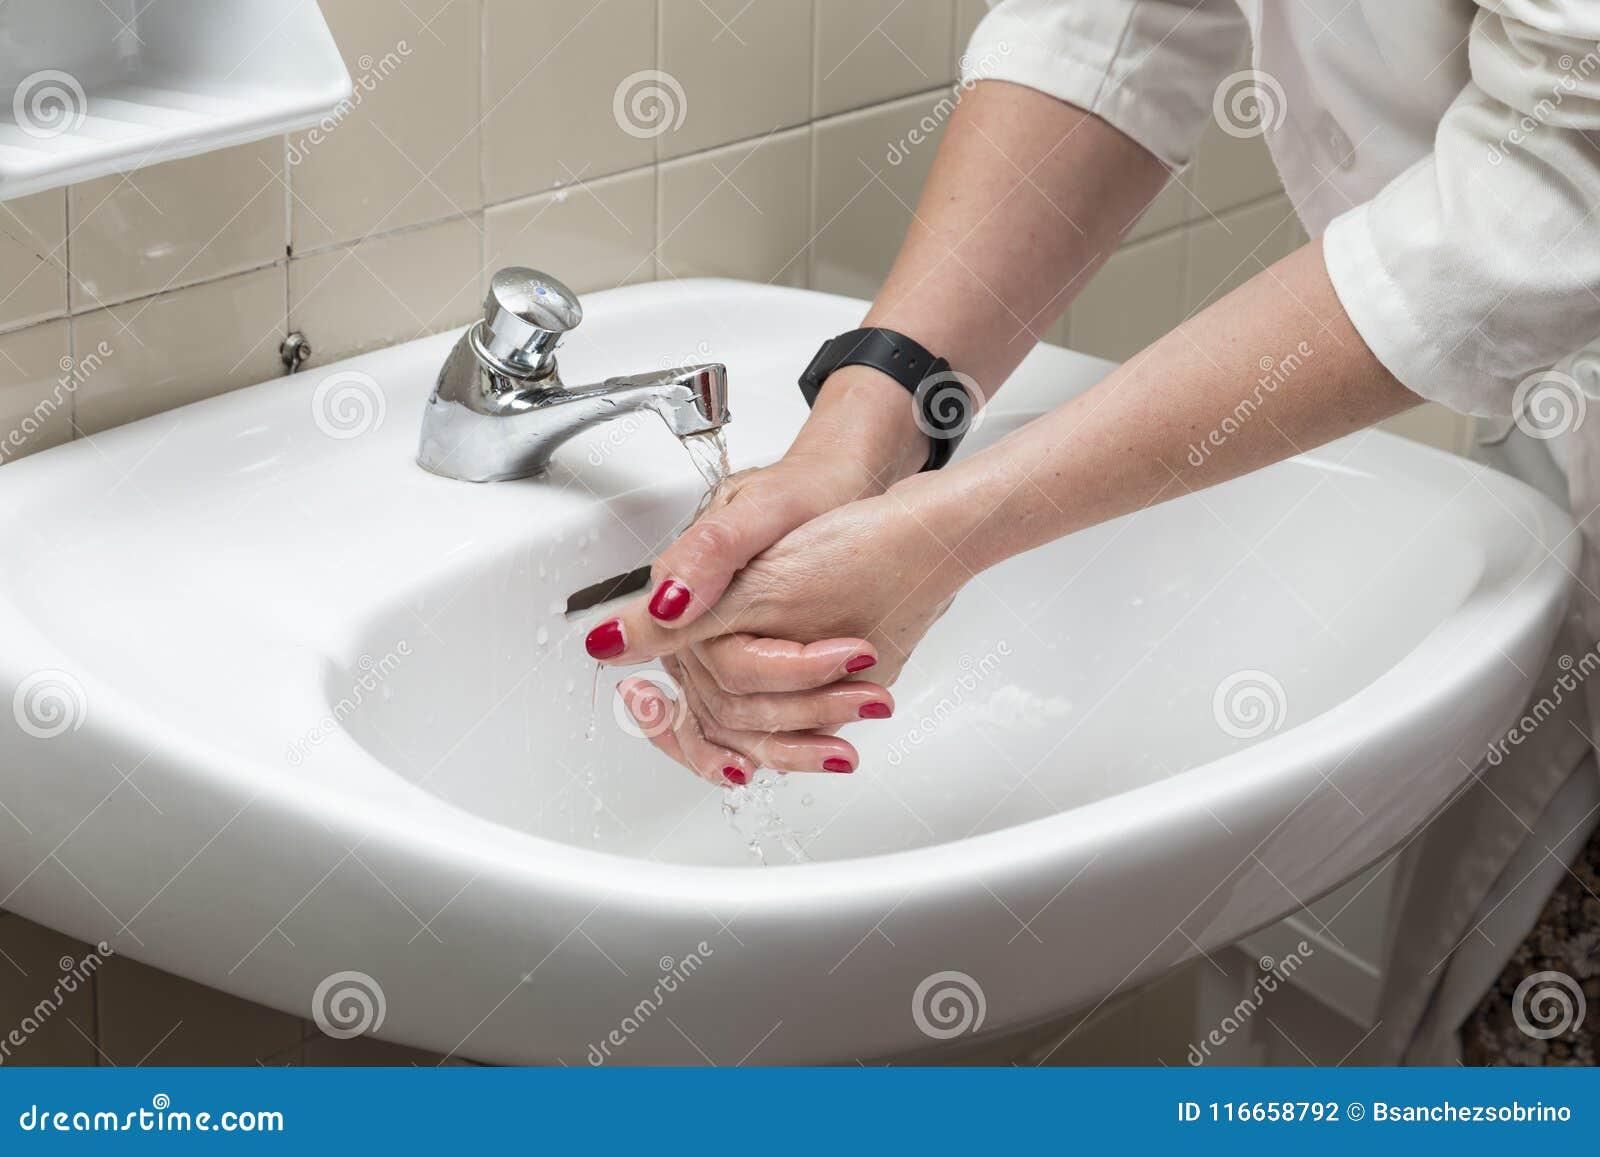 Lavabo Manos.Persona Que Se Lava Las Manos En Un Lavabo Blanco Foto De